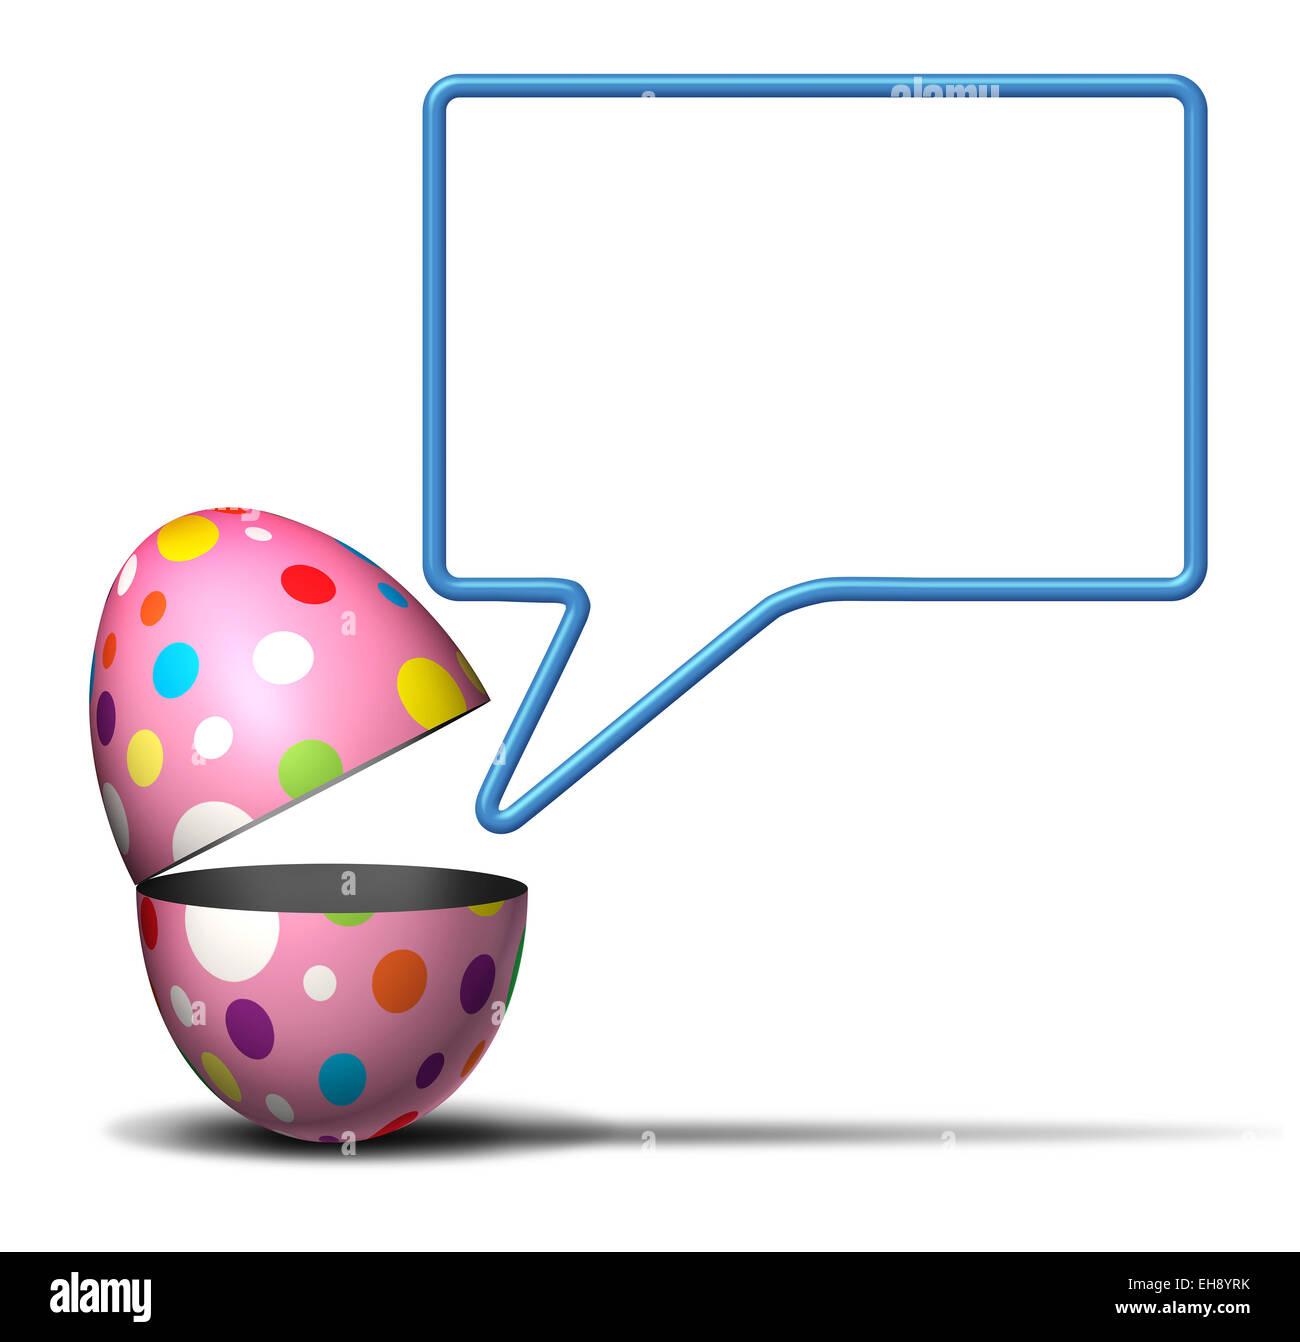 Ostern Nachricht Konzept als eine offene festlich dekorierten Frühling Ei mit einer sprechenden Blase auf einem Stockbild